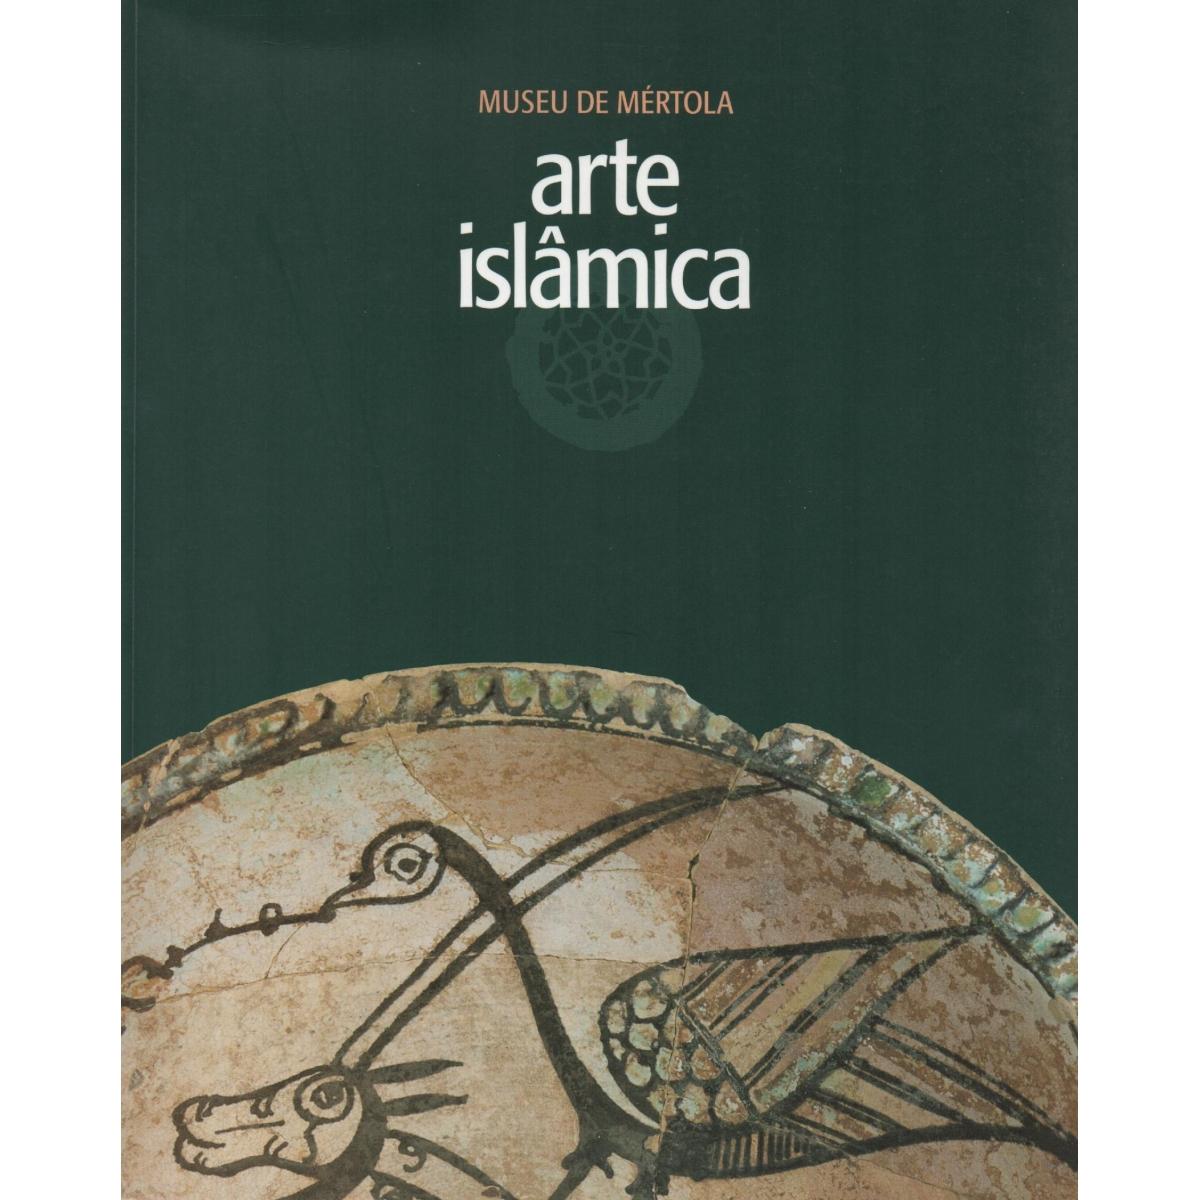 ARTE ISLÂMICA. MUSEU DE MÉRTOLA